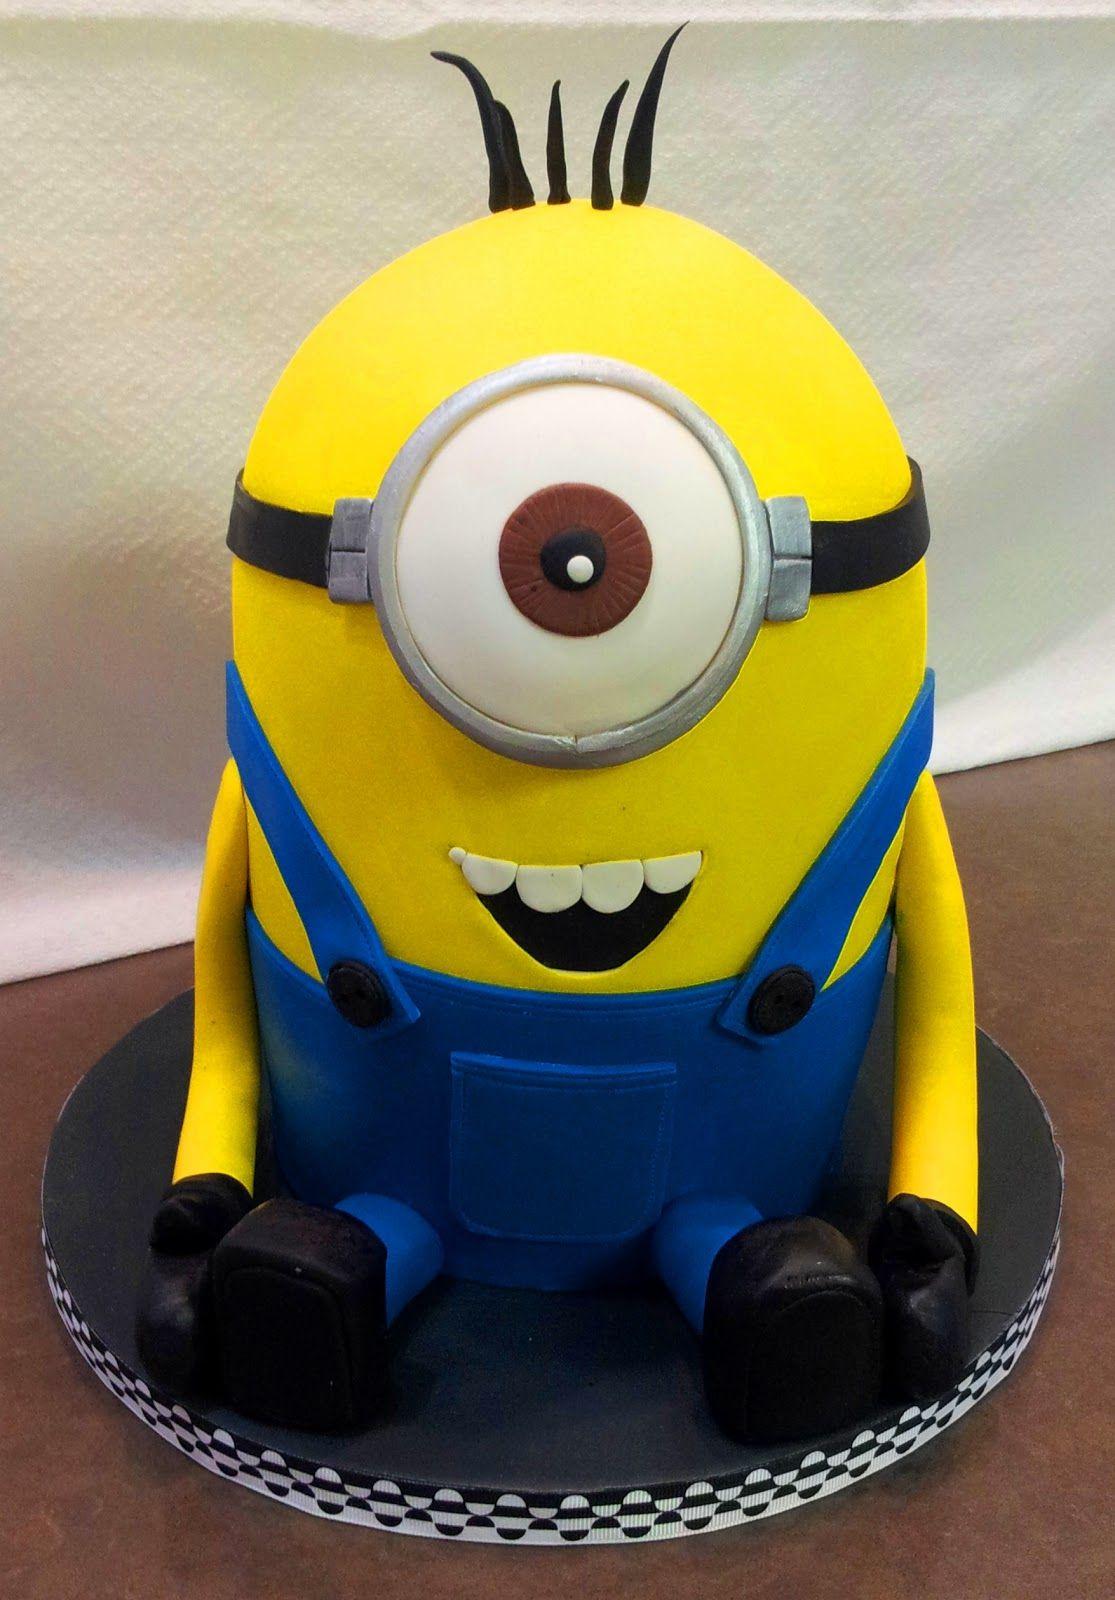 minion cake Google Search Cake ideas Pinterest Minion